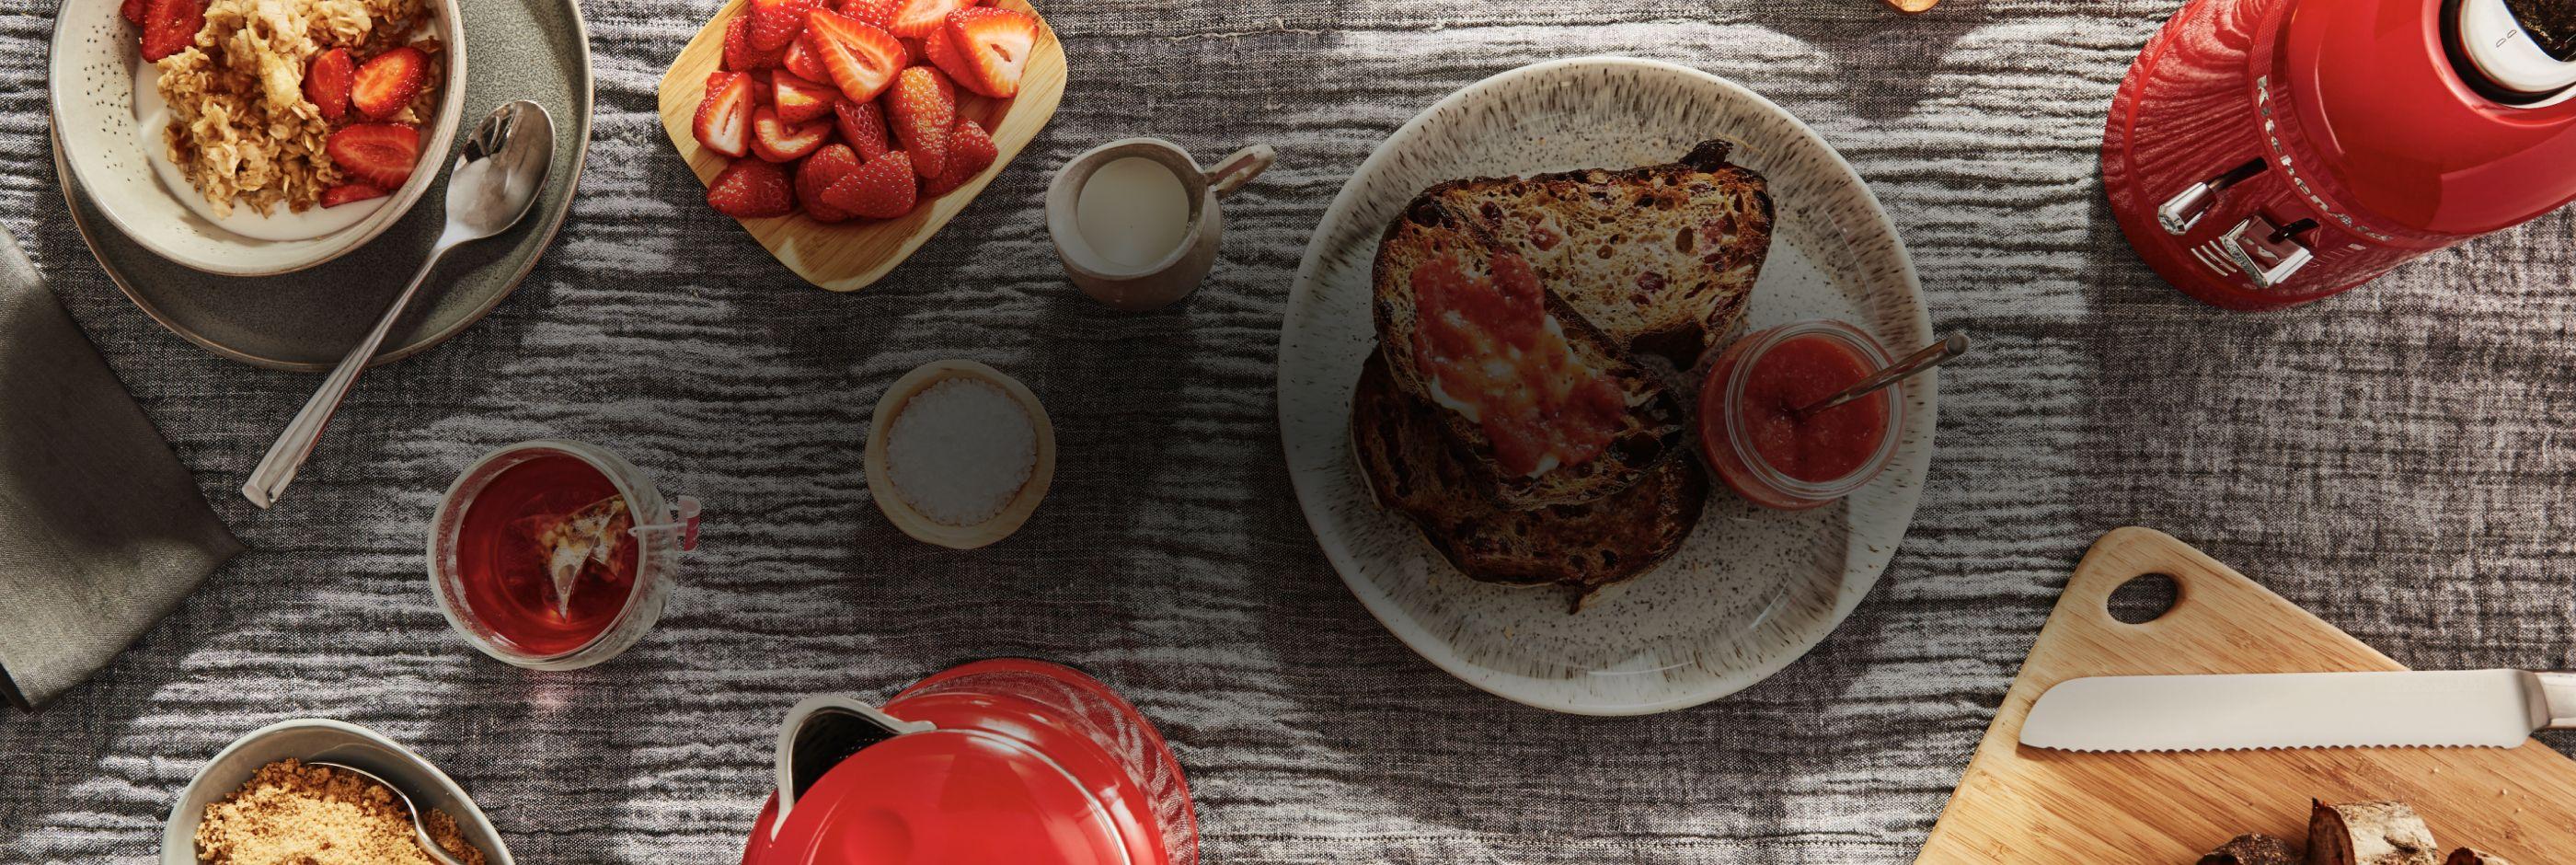 Strawberry muesli and bruschetta.